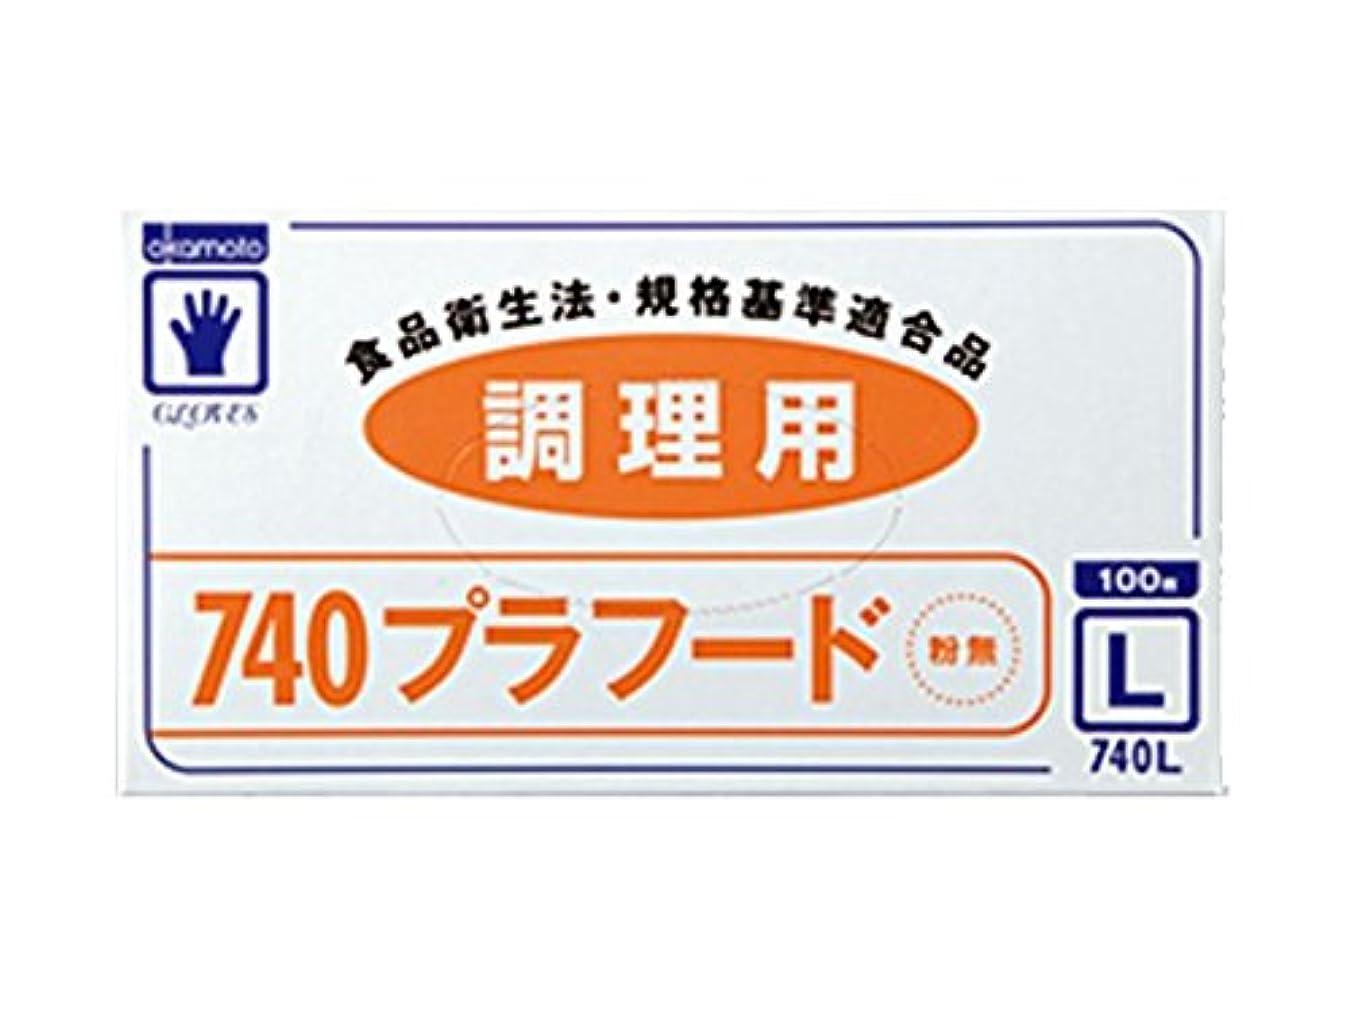 最初意味する修道院使い捨て手袋 オカモト 740プラフード 粉無※白L 100枚X20箱 2000枚